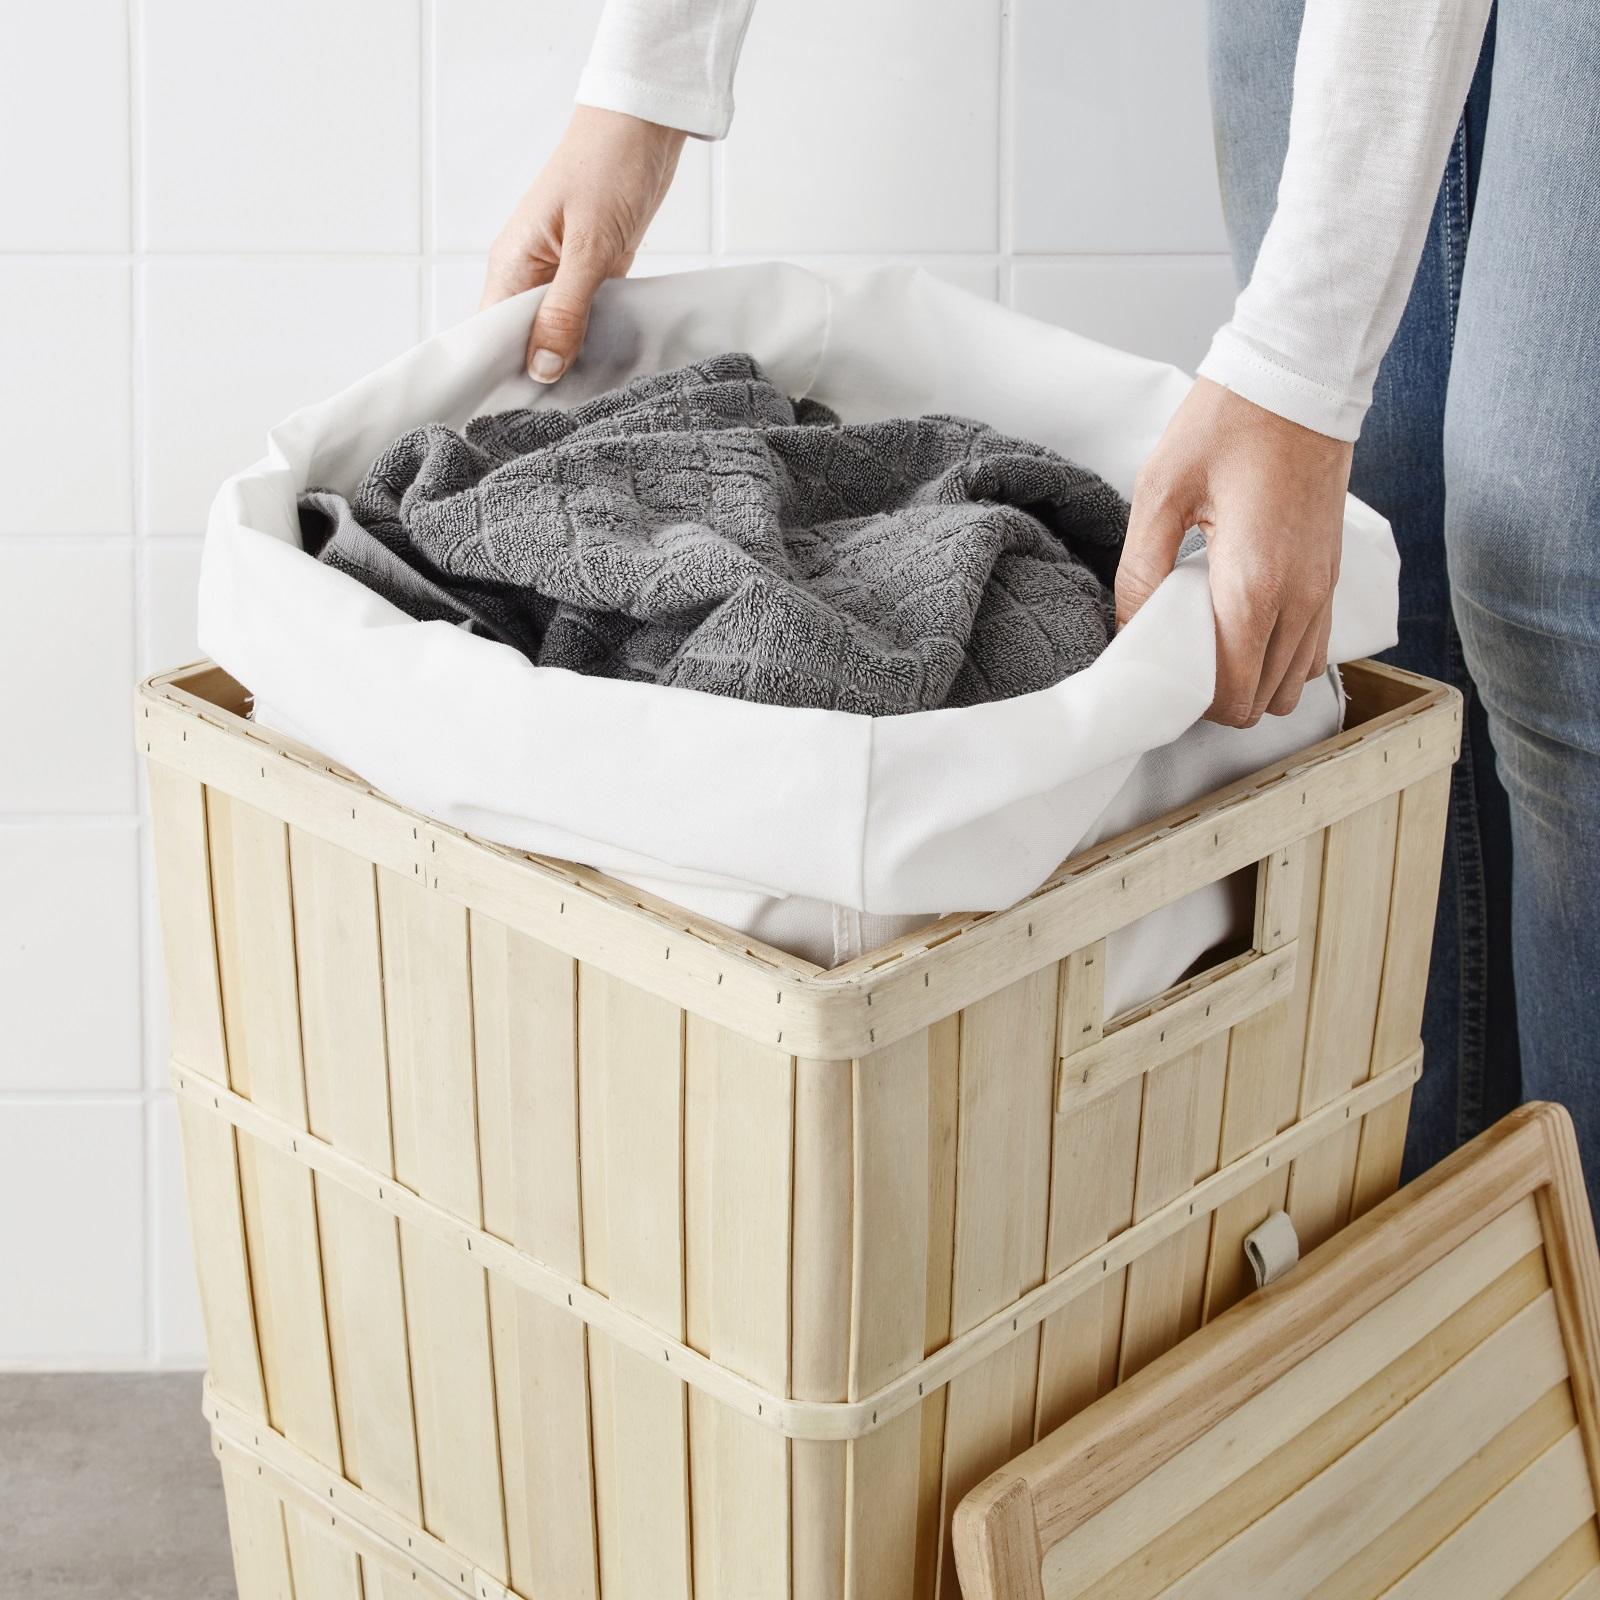 Cesta Bucato Leroy Merlin scegliere il portabiancheria - cose di casa